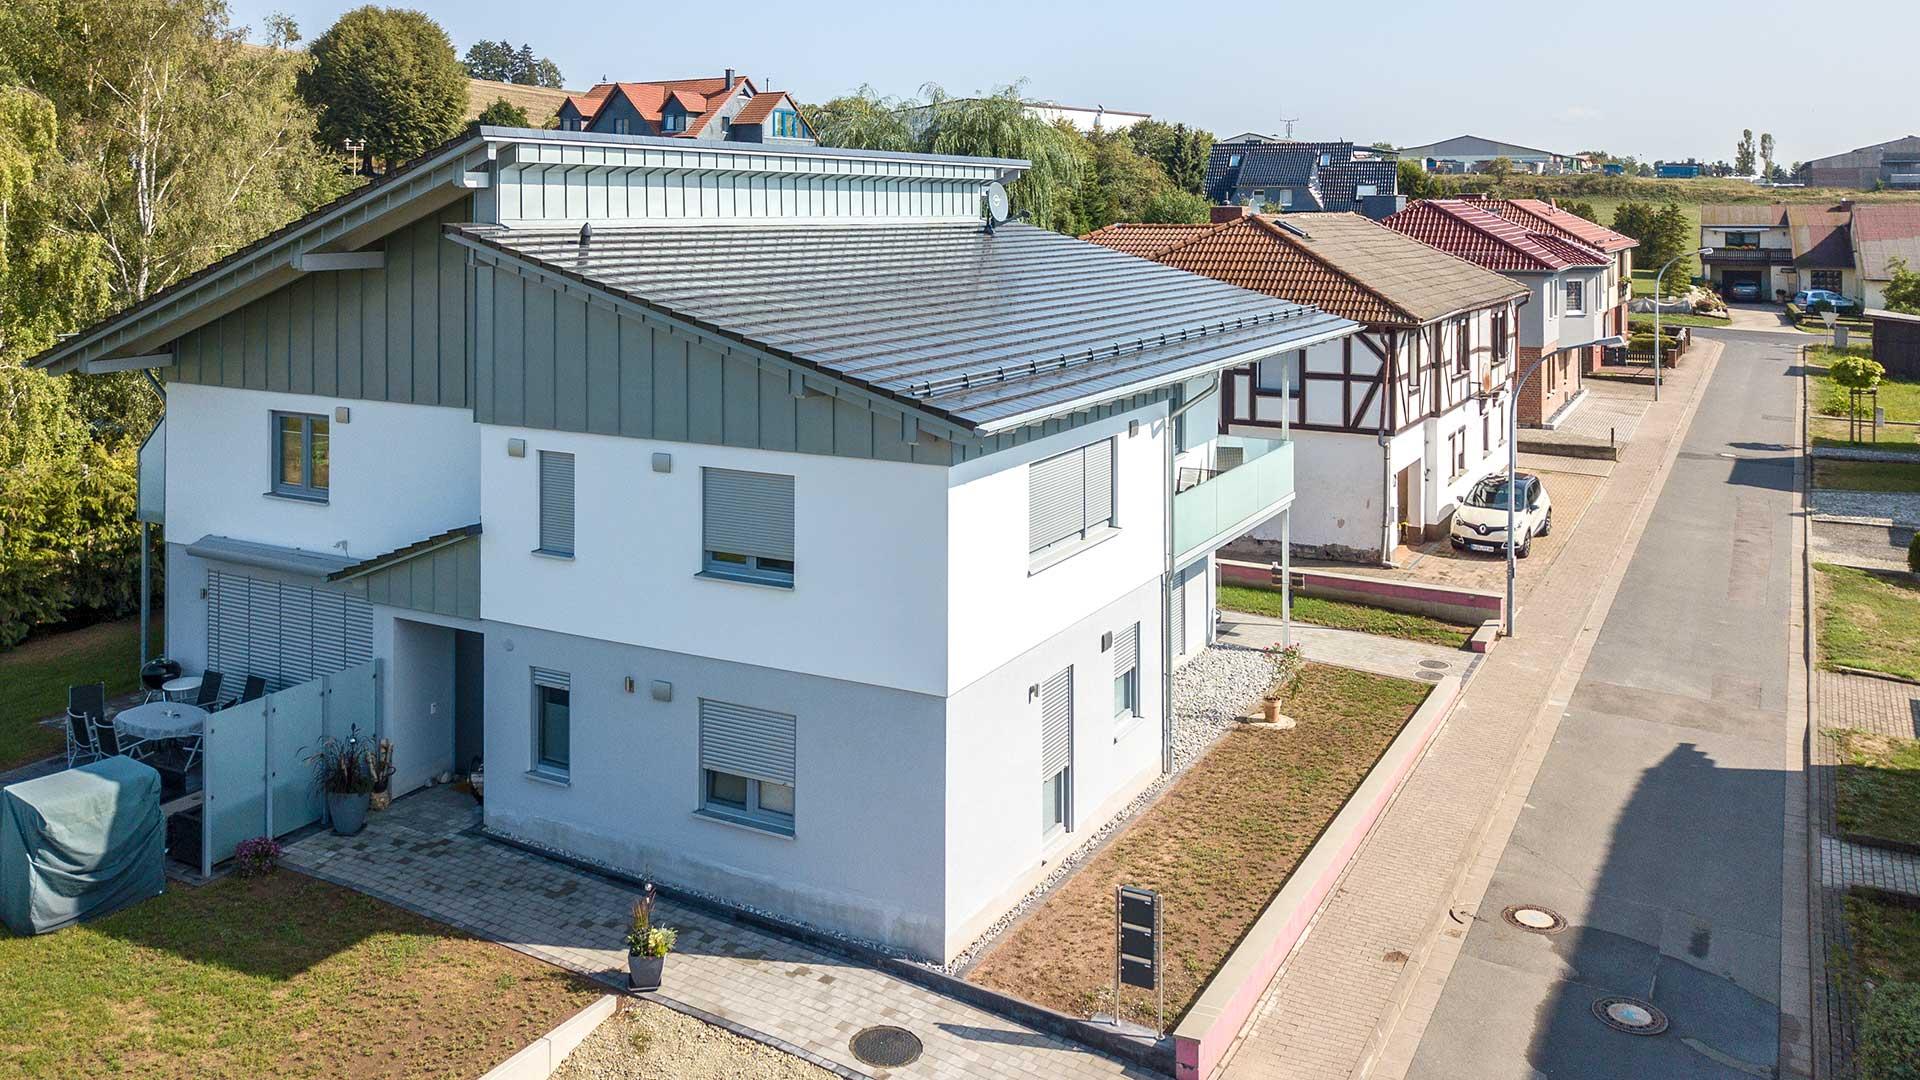 Architekturfotografie, Drohne: Luftaufnahme Siedlung | Foto: Dieter Eikenberg, imprints